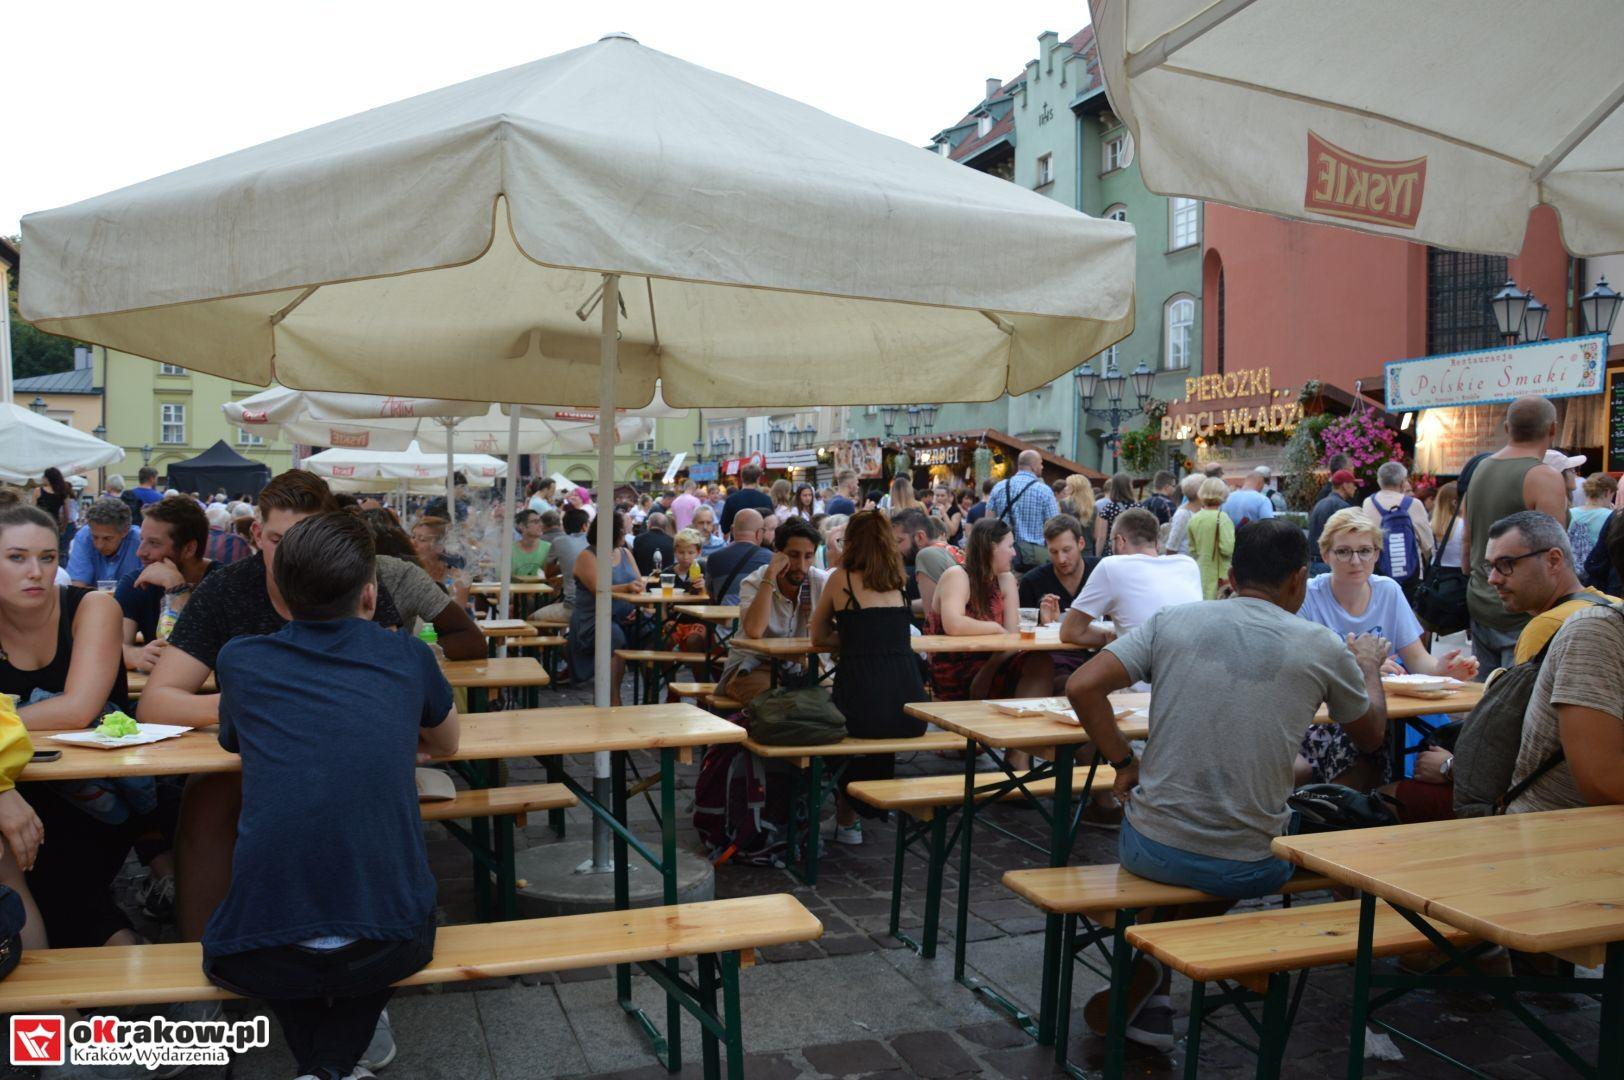 krakow festiwal pierogow maly rynek koncert cheap tobacco 48 150x150 - Galeria zdjęć Festiwal Pierogów Kraków 2018 + zdjęcia z koncertu Cheap Tobacco